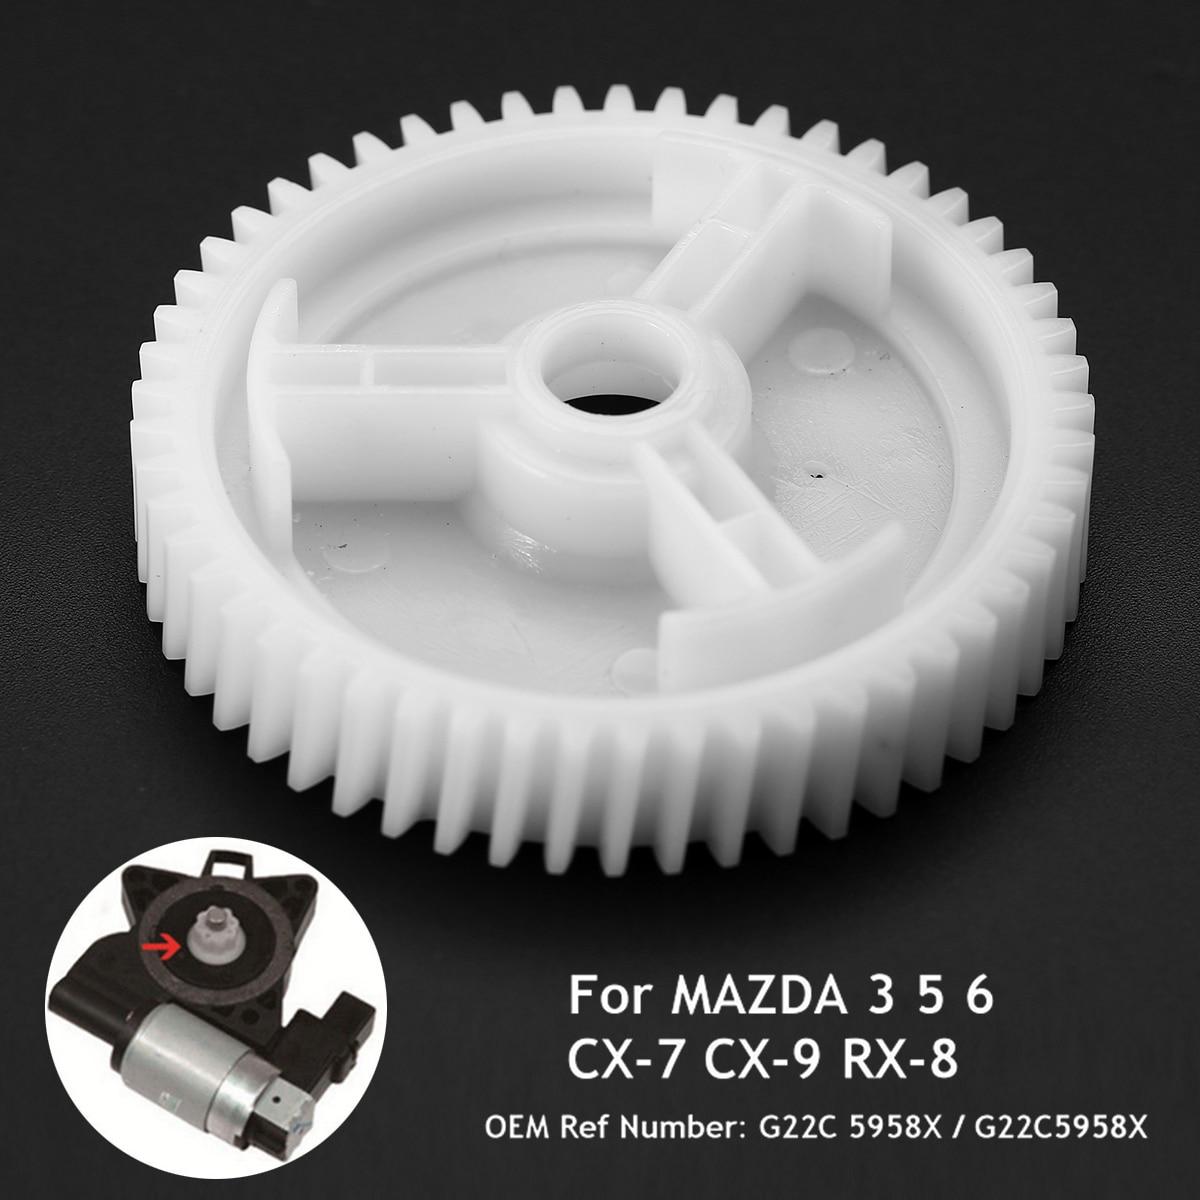 Mayitr 1pc frente traseira regulador de potência da janela engrenagem do motor substituição g22c5958x para mazda 3 5 6 CX-7 CX-9 RX-8